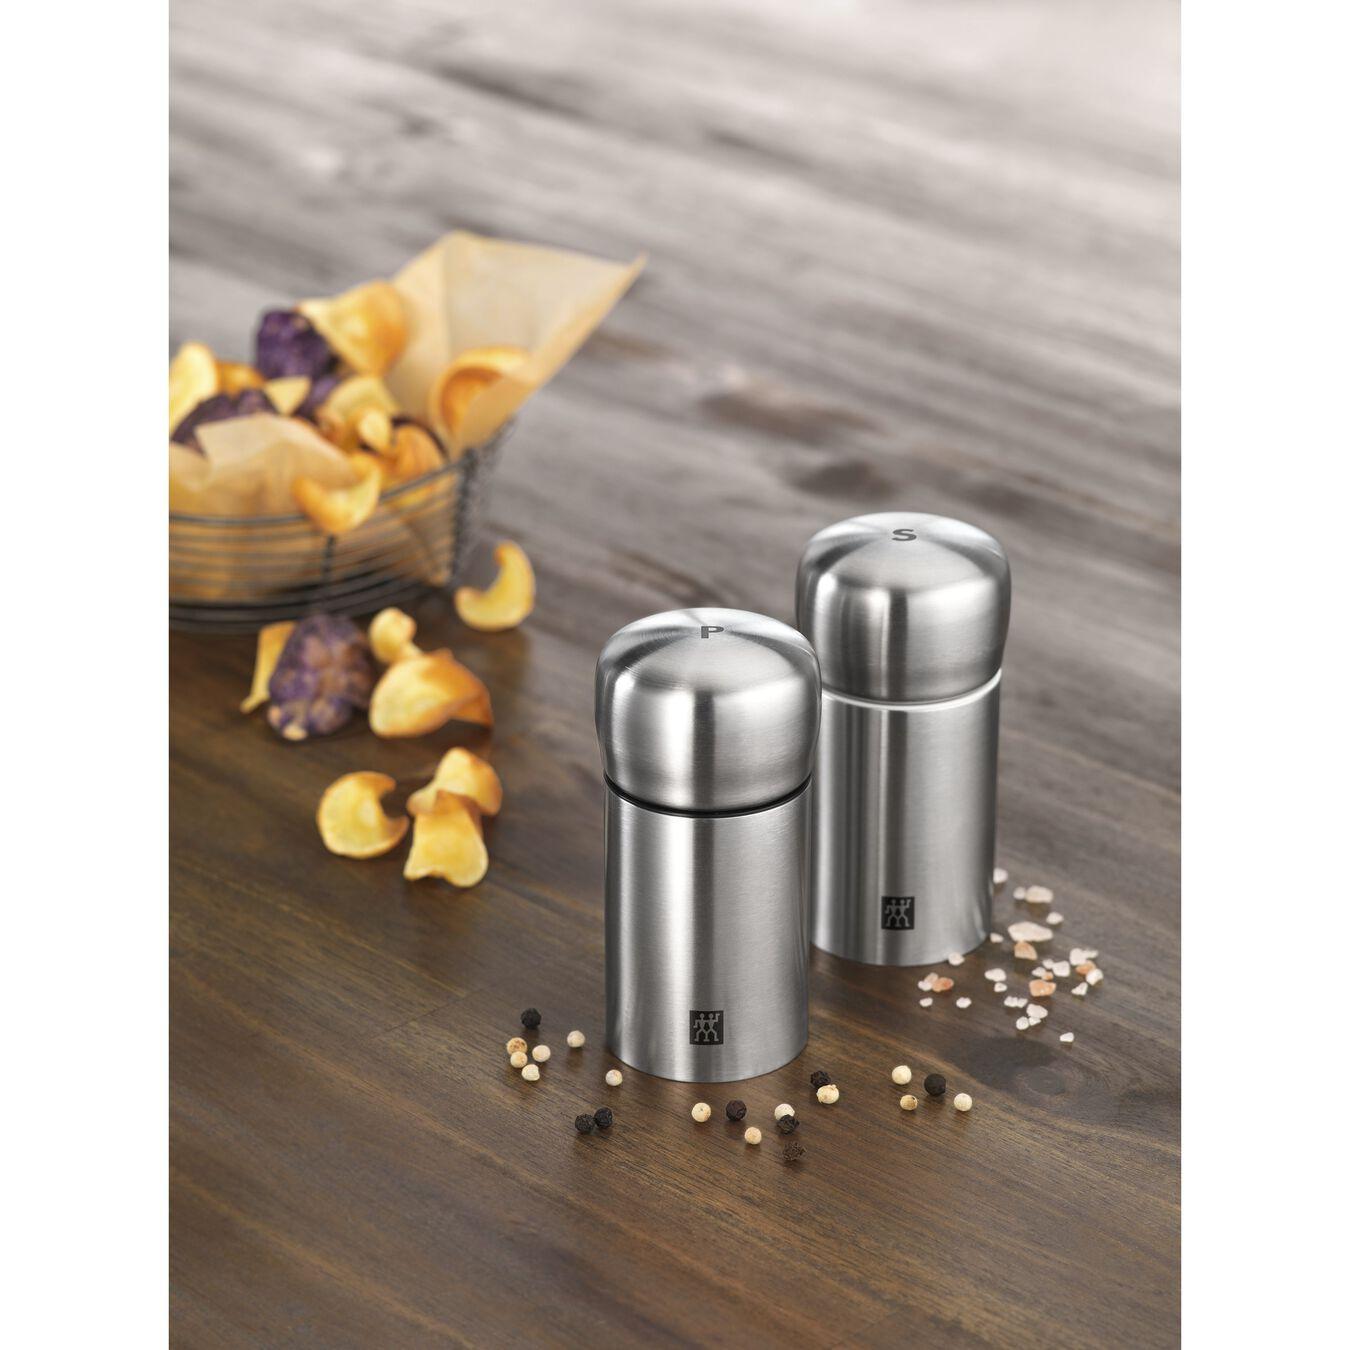 Moedor de pimenta e sal 11 cm, Aço inoxidável, Prata,,large 2